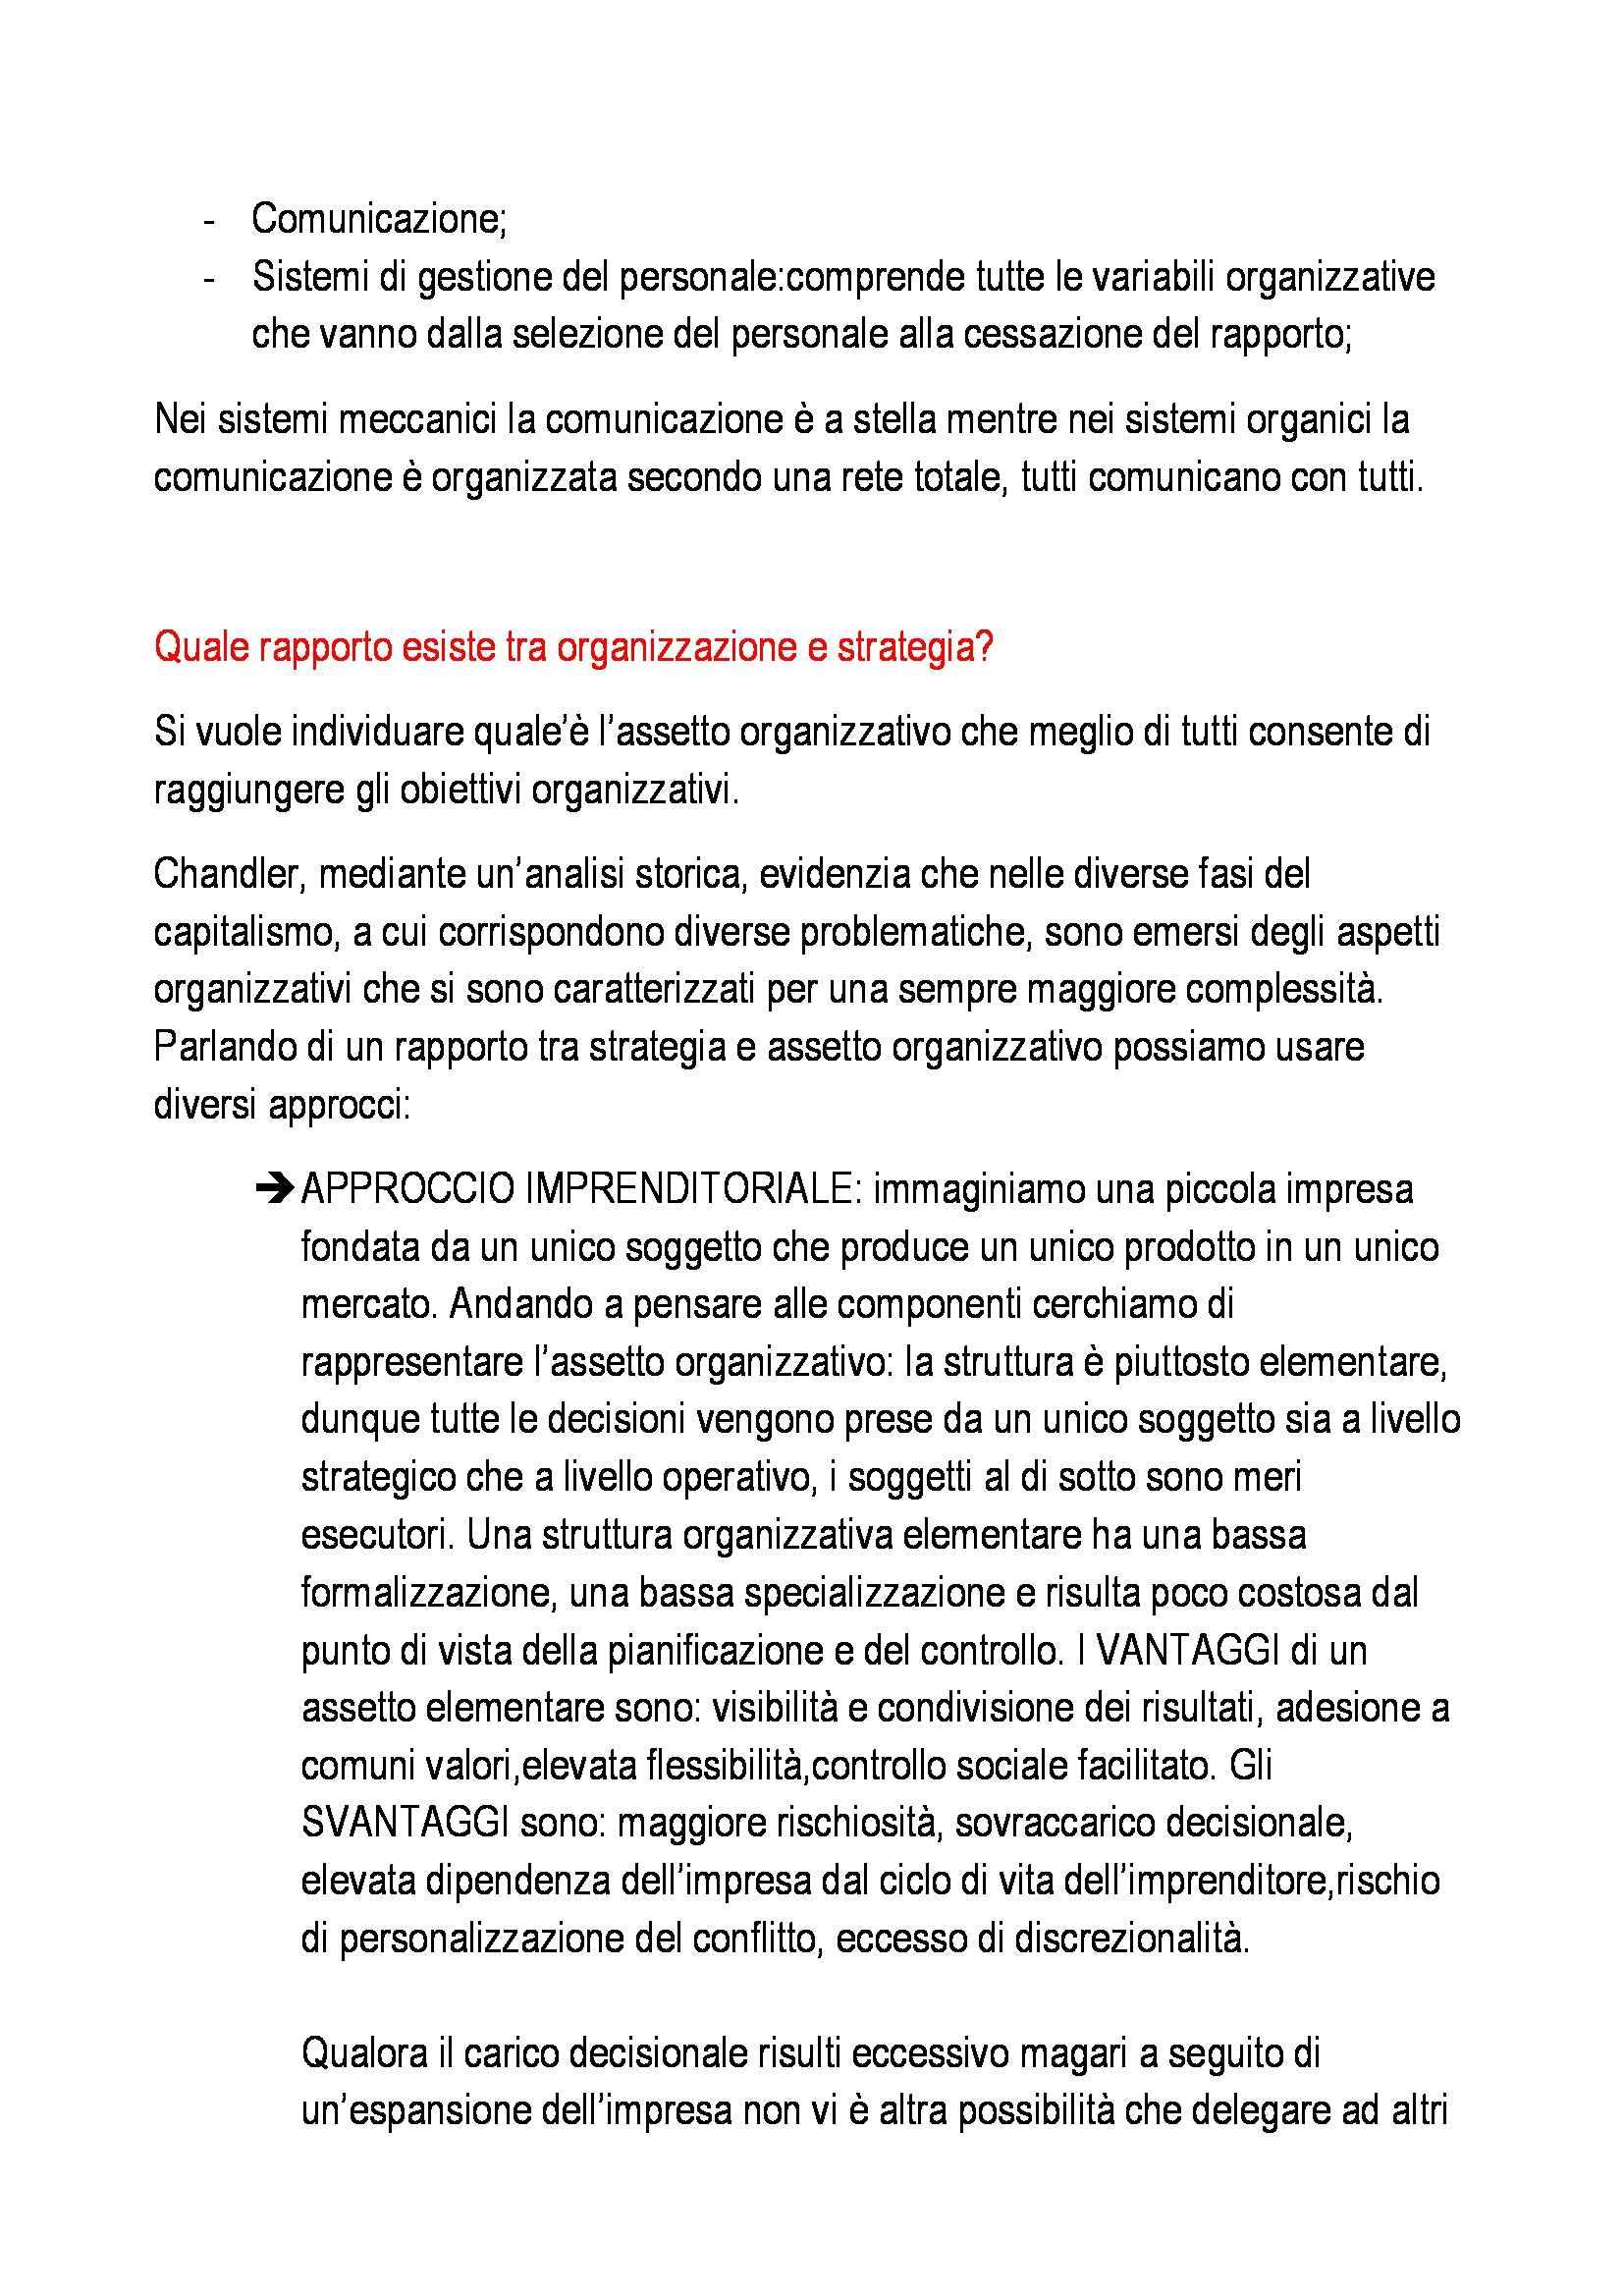 Organizzazione aziendale - Appunti Pag. 46